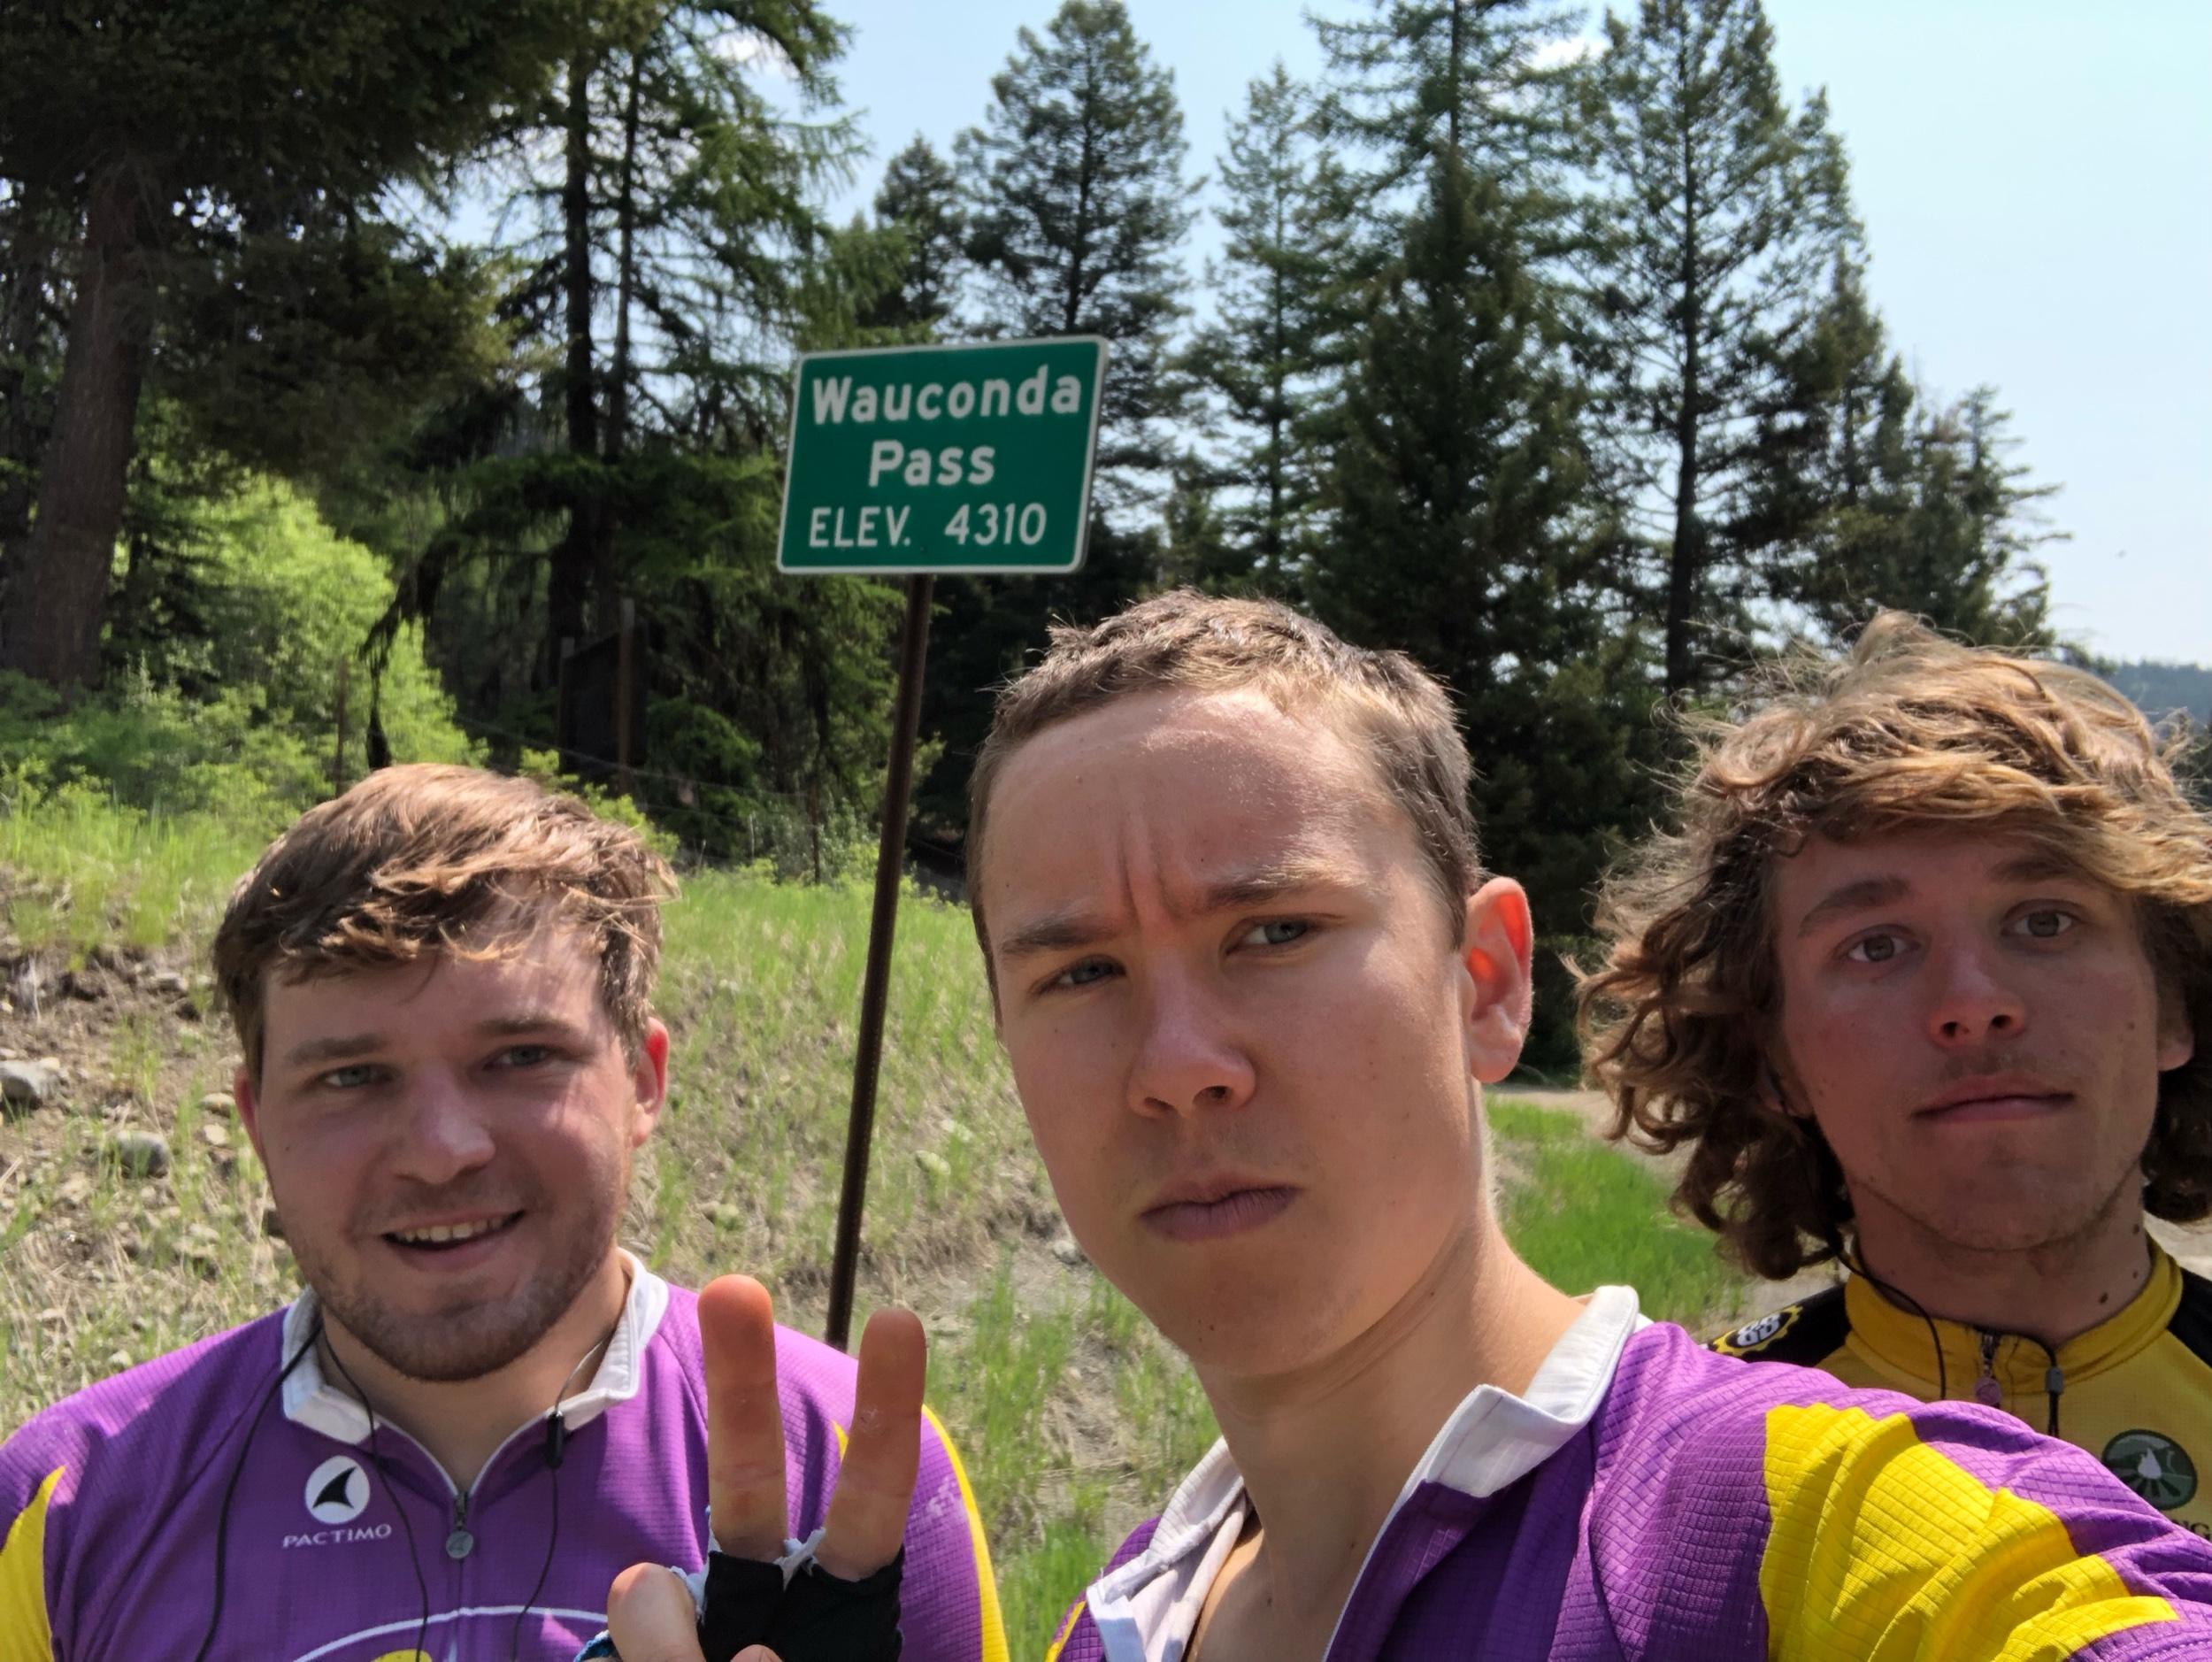 Top of Wauconda Pass